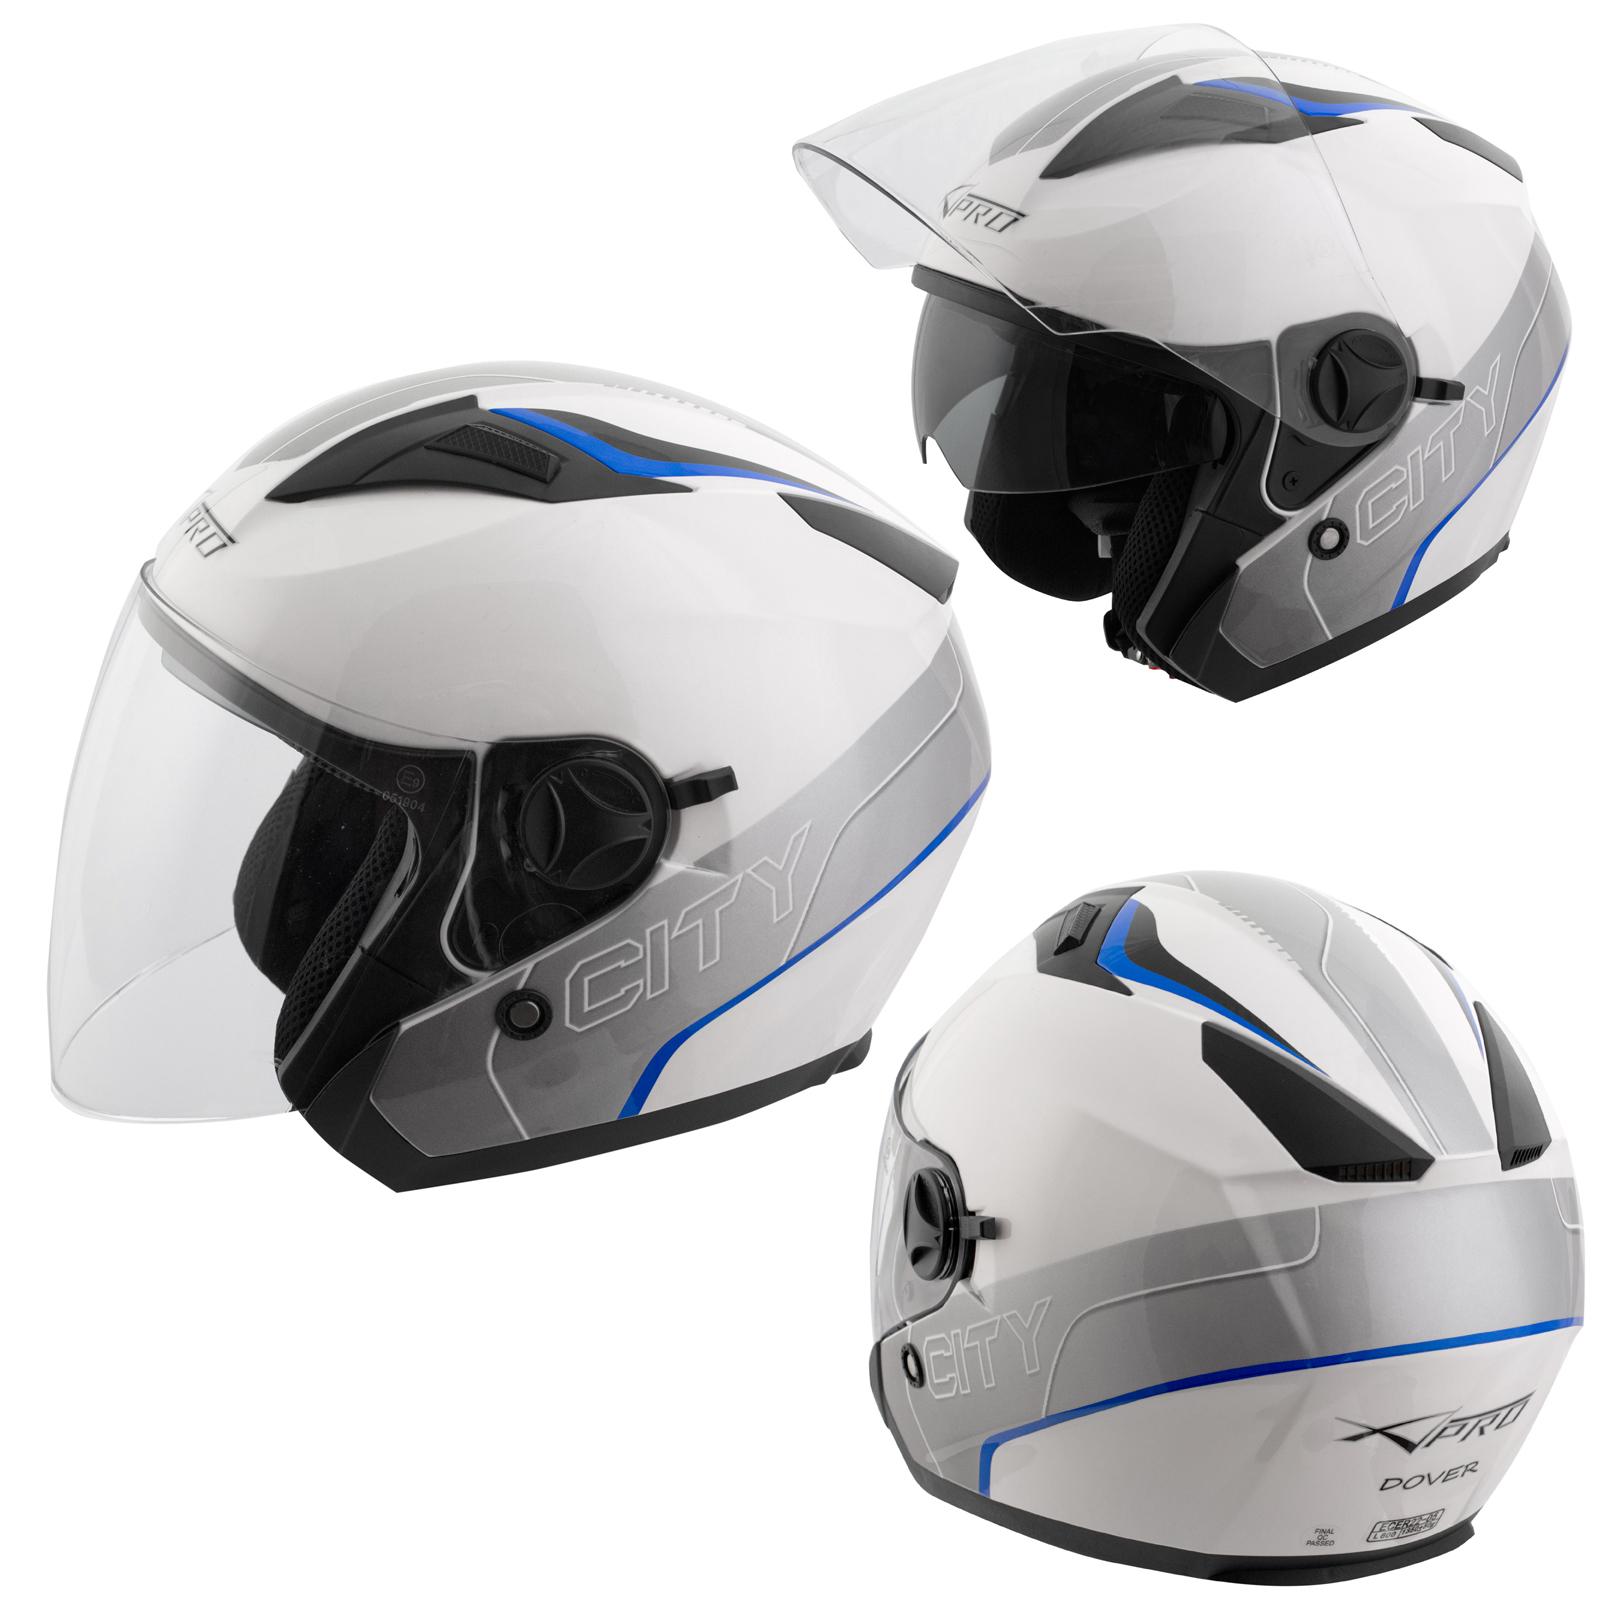 Demi-Jet-Casque-Visiere-Pare-Soleil-ECE-22-05-Approuve-Moto-Scooter-Bleu